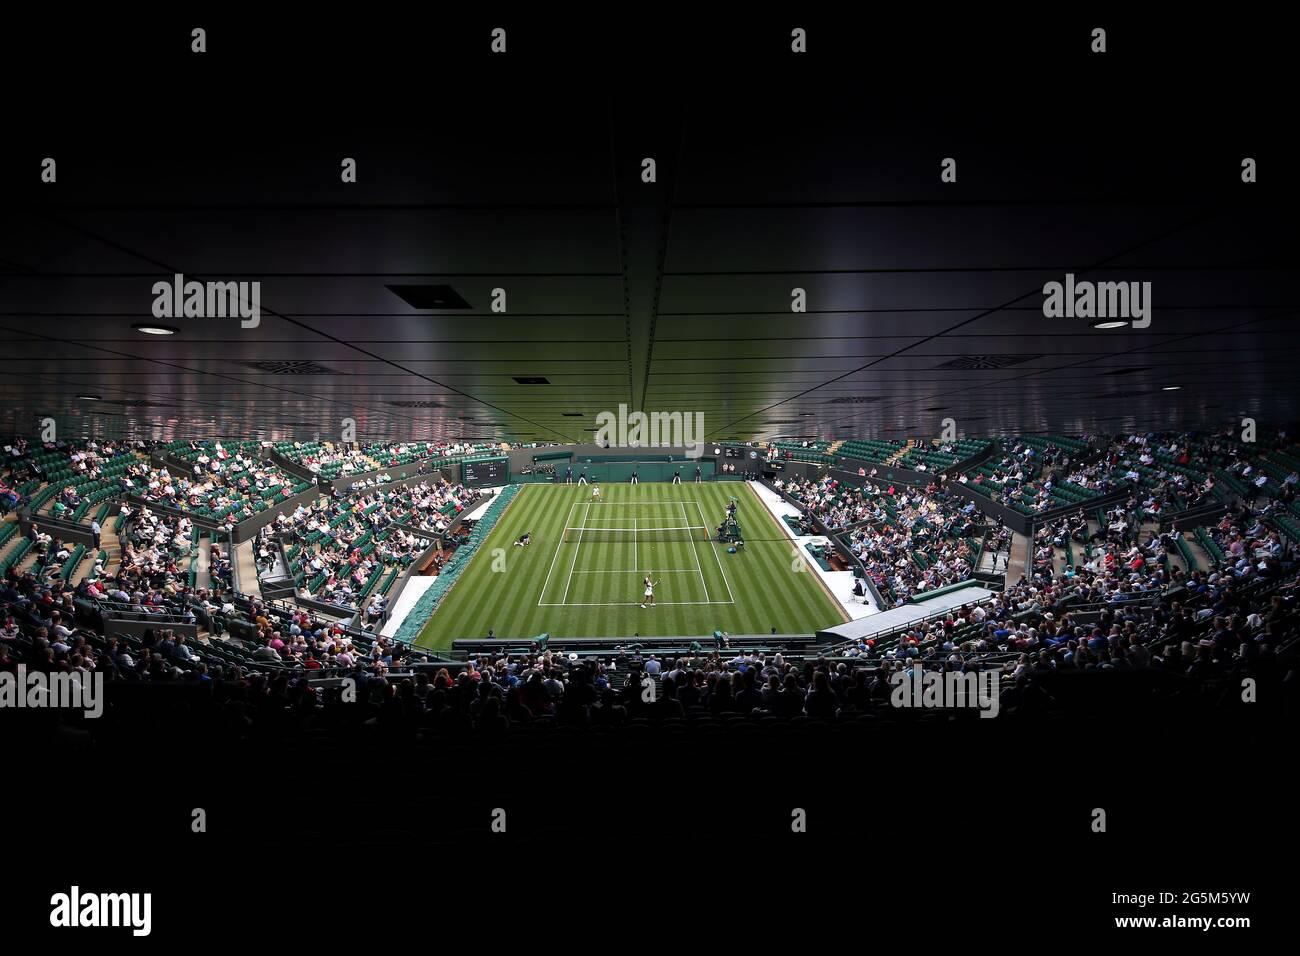 Heather Watson (unterer Platz) hat am ersten Tag von Wimbledon im All England Lawn Tennis and Croquet Club in Wimbledon gegen Kristie Ahn während des ersten Spiels der Damen im Einzel gehandelt. Bilddatum: Montag, 28. Juni 2021. Stockfoto